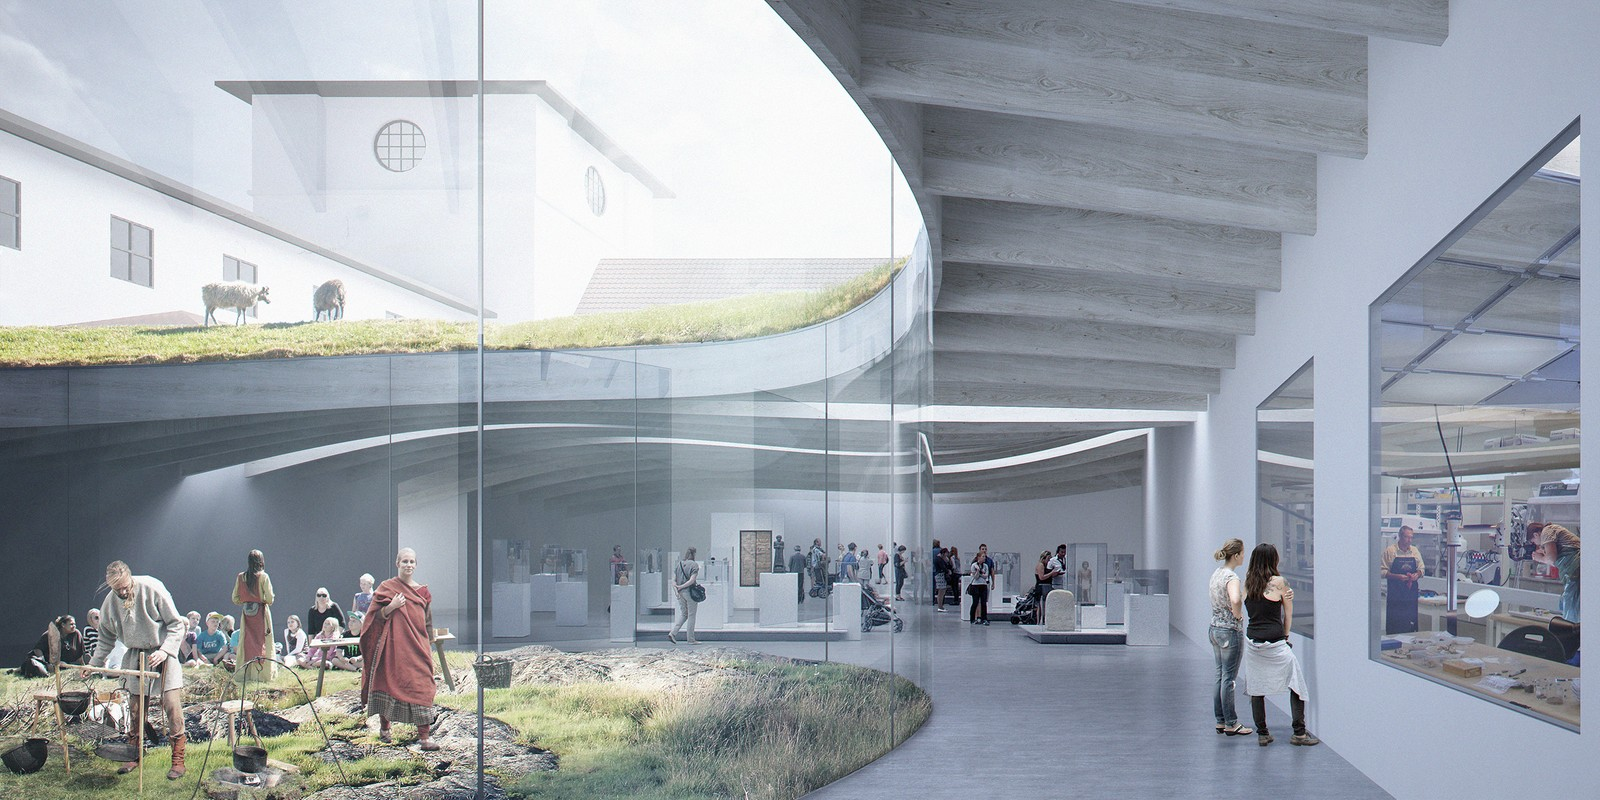 Noen forslag fokuserte mer på interiør. Her ved å vise til vikinglivet, og museets verksted. NRK har ikke fått vite hvem som har sendt inn bidragene.